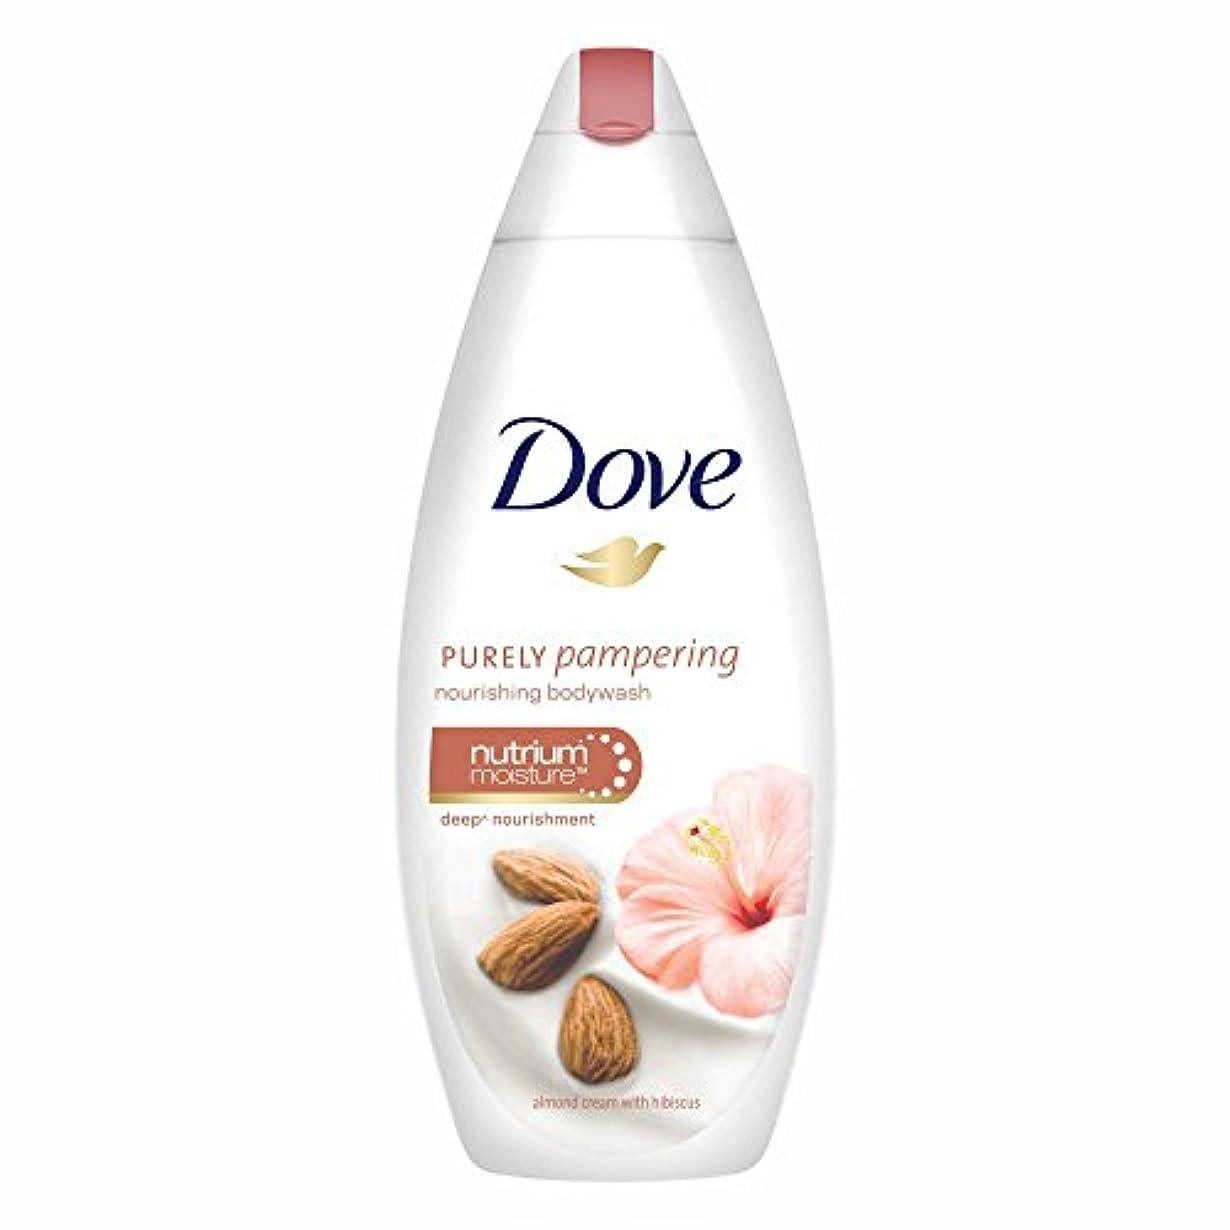 発掘するきょうだい優しさDove Purely Pampering Almond Cream and Hibiscus Body Wash, 190ml